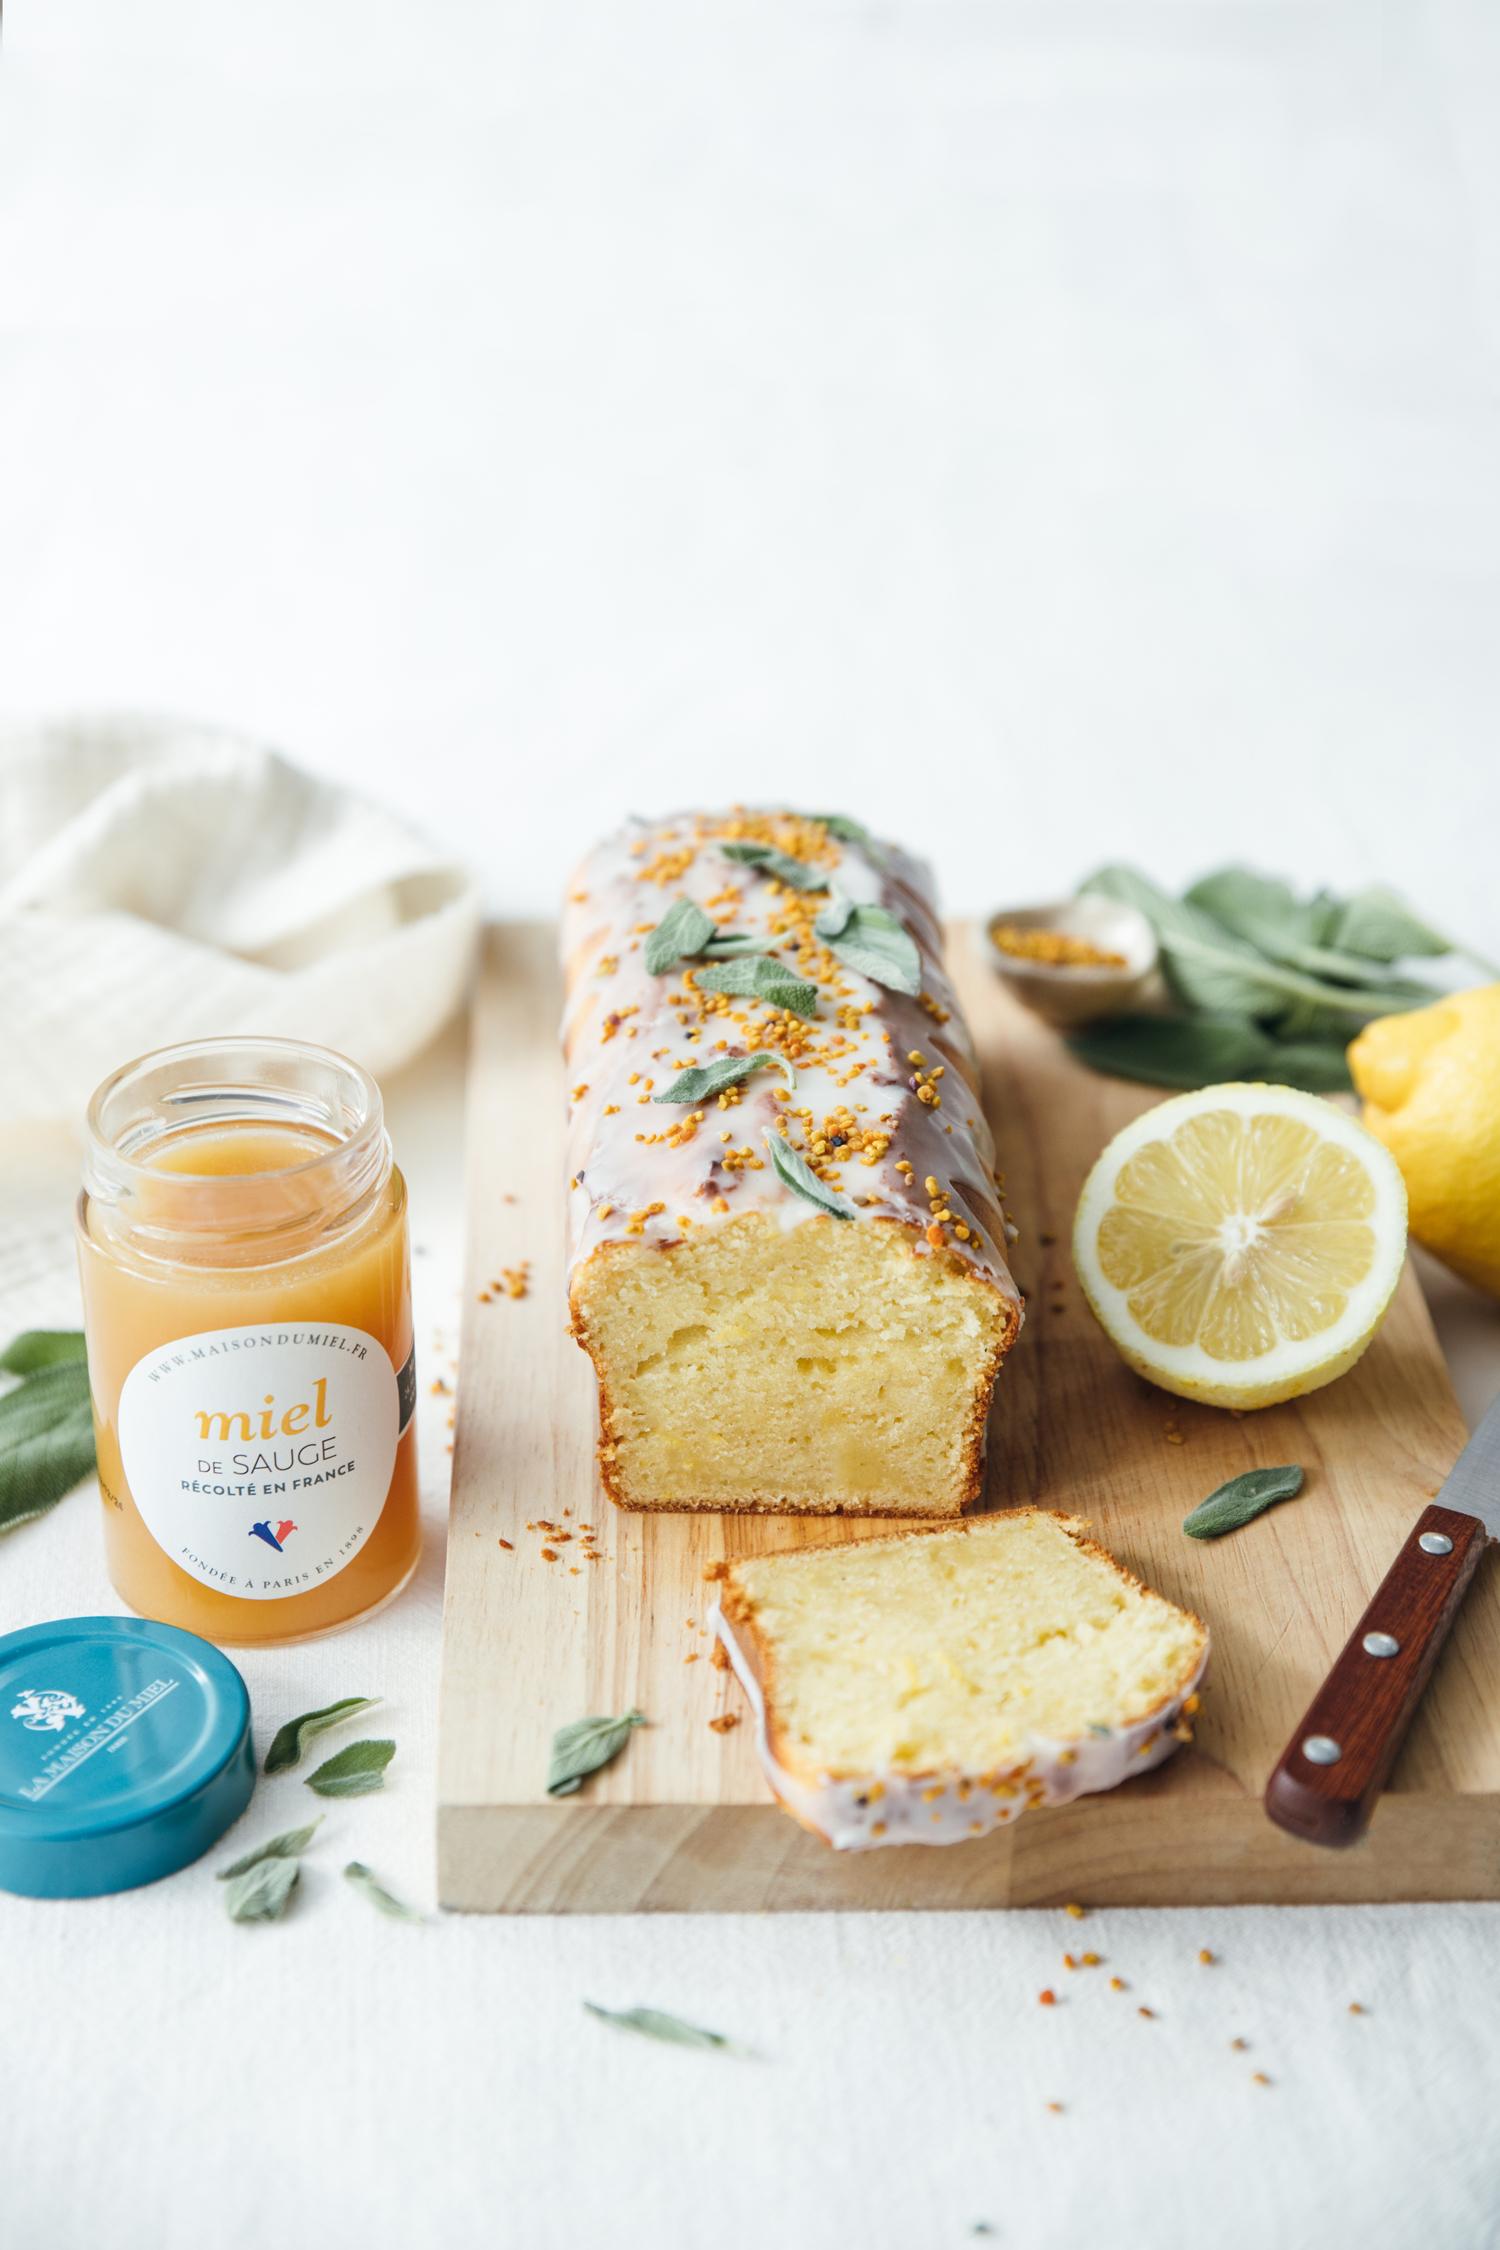 cake au miel de sauge / La Maison du Miel